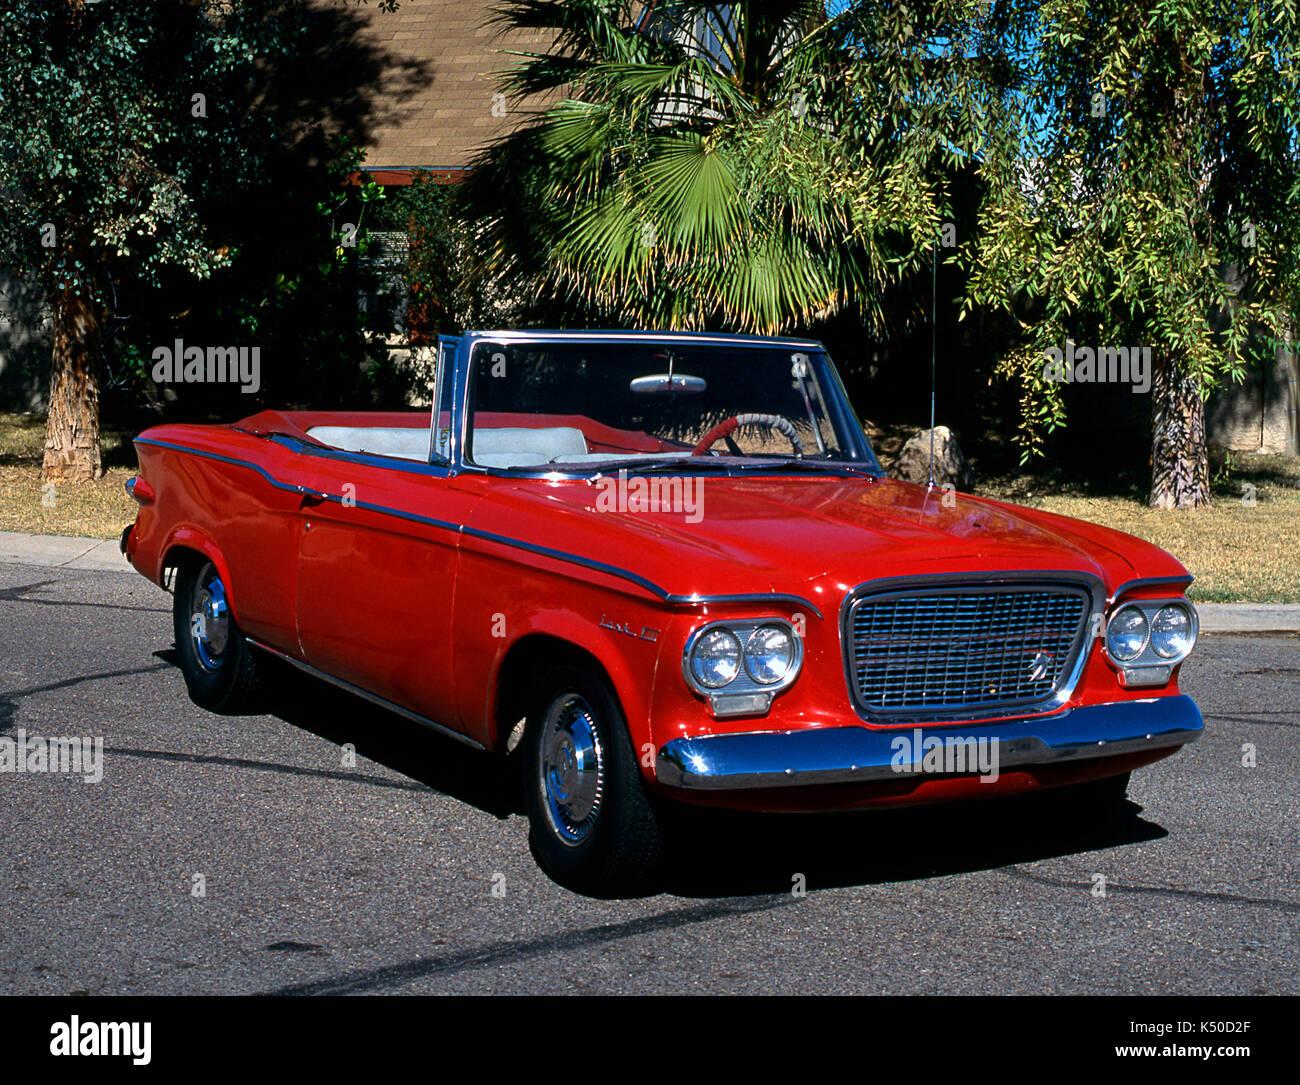 1962 Studebaker Lark Regal - Stock Image